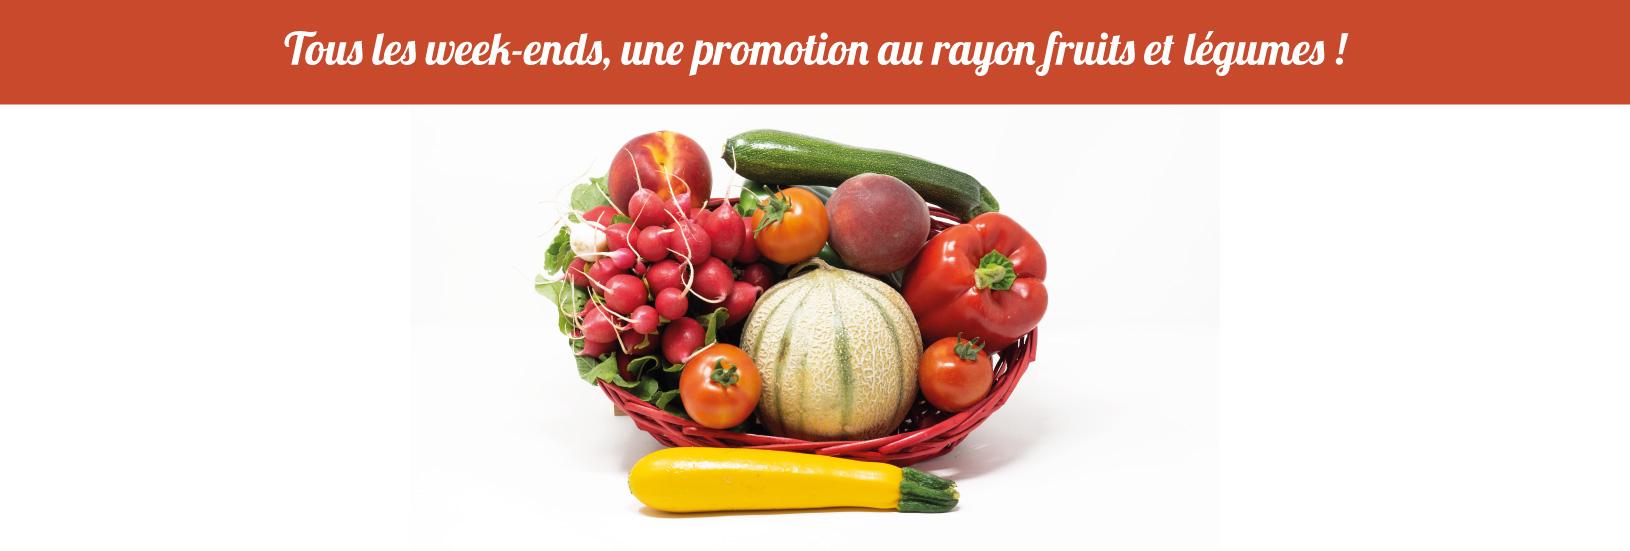 promo fruits et légumes